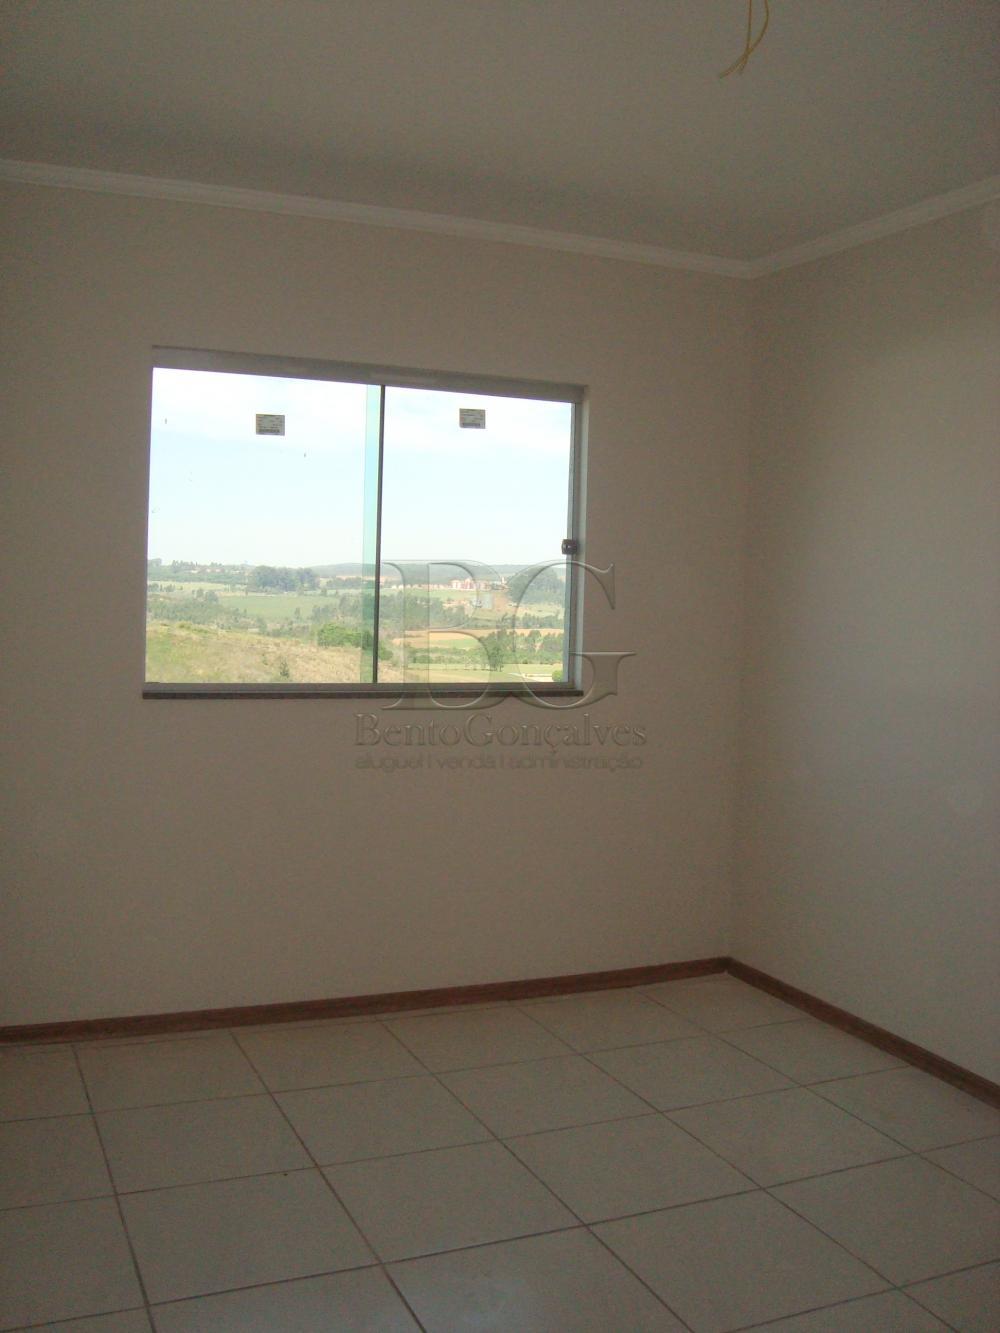 Comprar Apartamentos / Padrão em Poços de Caldas apenas R$ 175.000,00 - Foto 6